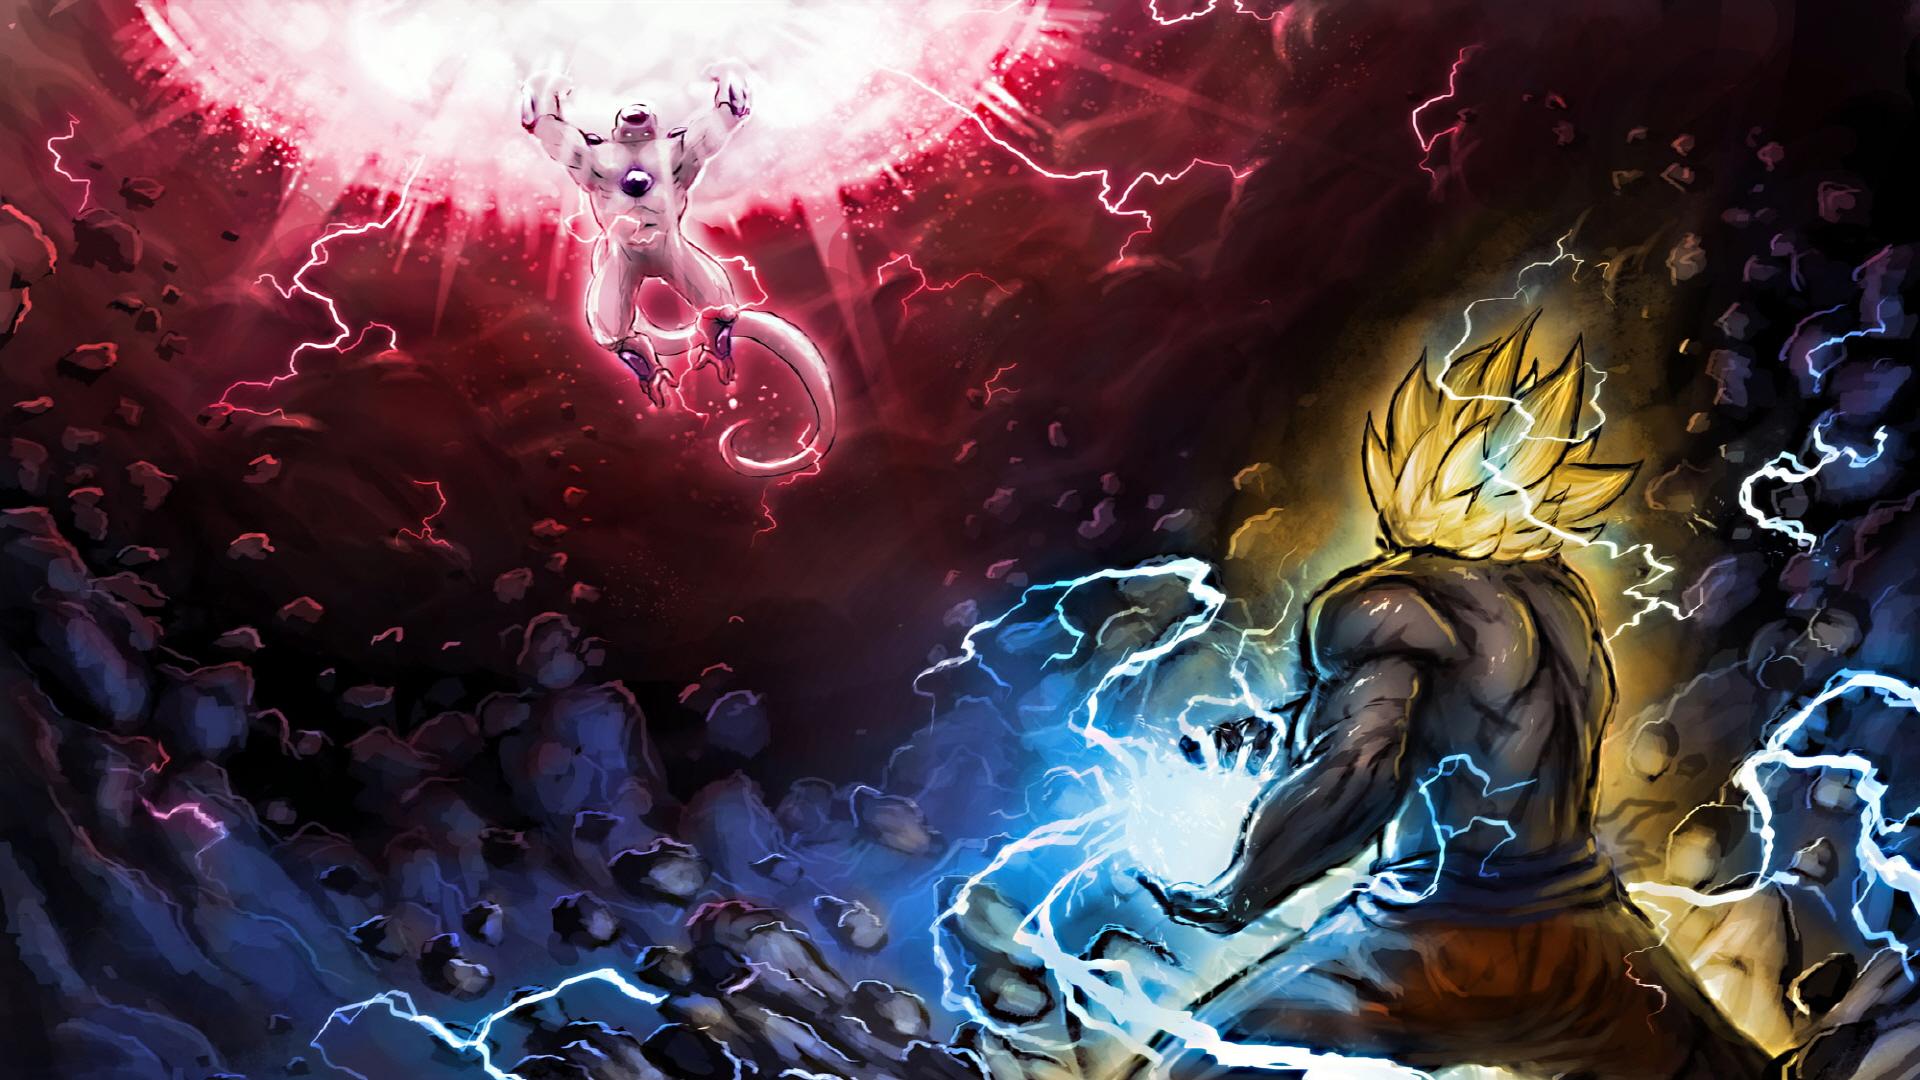 Anime Awesome Dragon Ball Z HD Wallpapers Dragon Ball Z Wallpaper